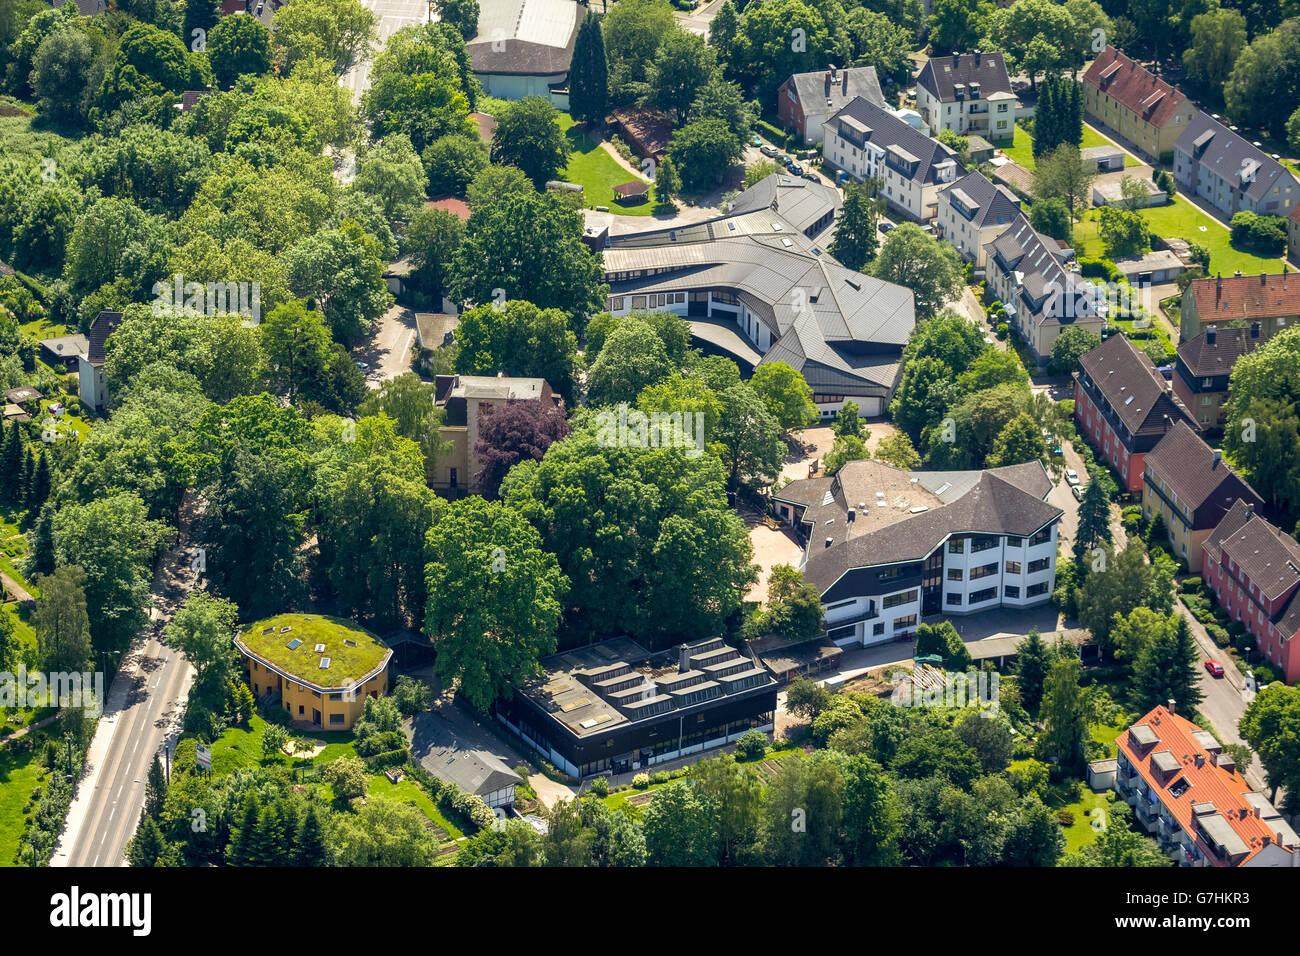 Luftbild, Rudolf-Steiner-Schule Bochum Langendreer,  Bochum, Ruhrgebiet, Nordrhein-Westfalen, DeutschlandAerial - Stock Image